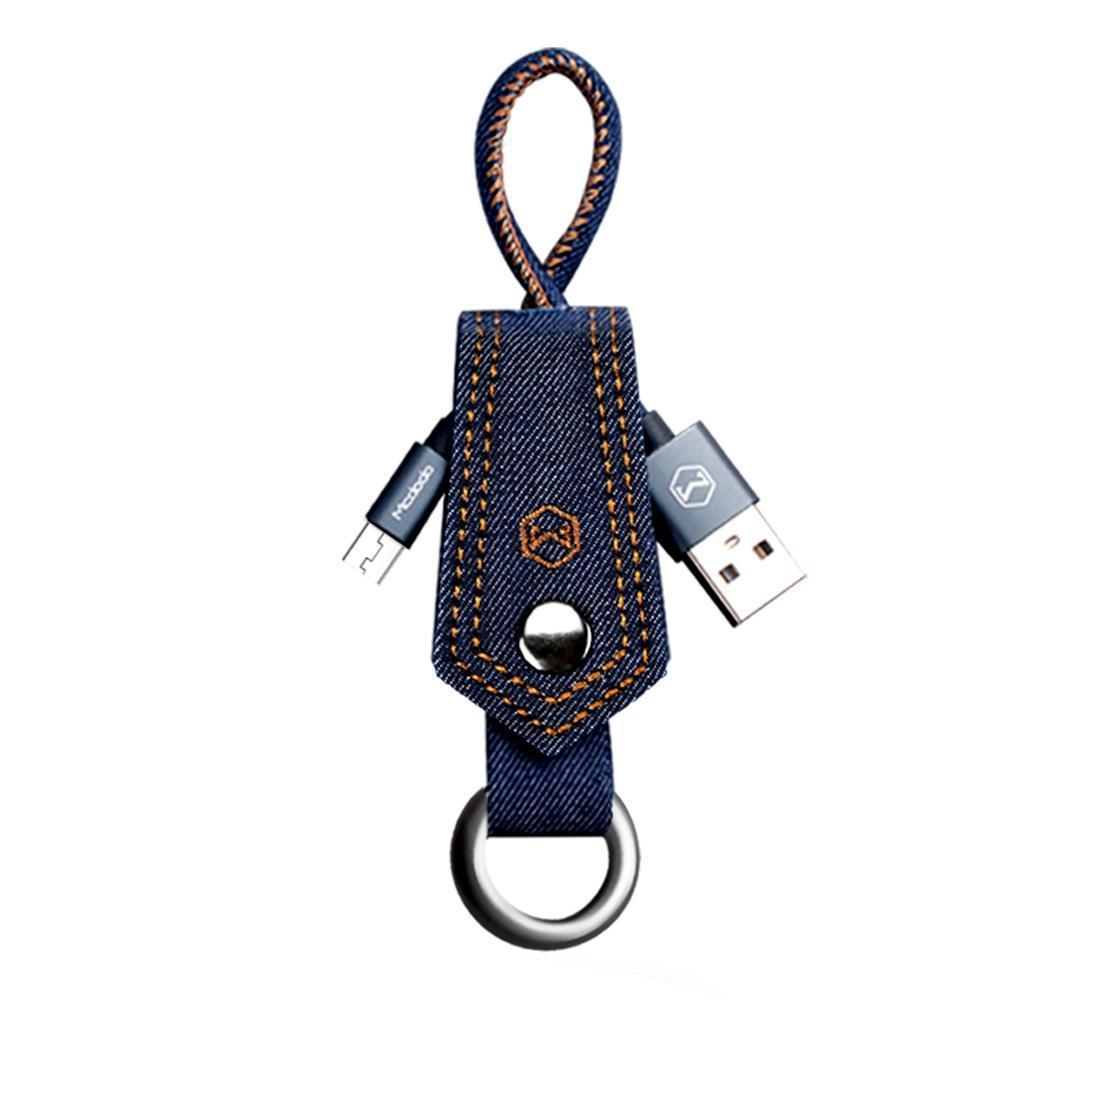 Mcdodo CA-3030 Premium Série 02m 24A réversible Micro USB vers USB Denim Couverture TPE Jacket Sync Câble de charge pour Samsung Sony HTC H